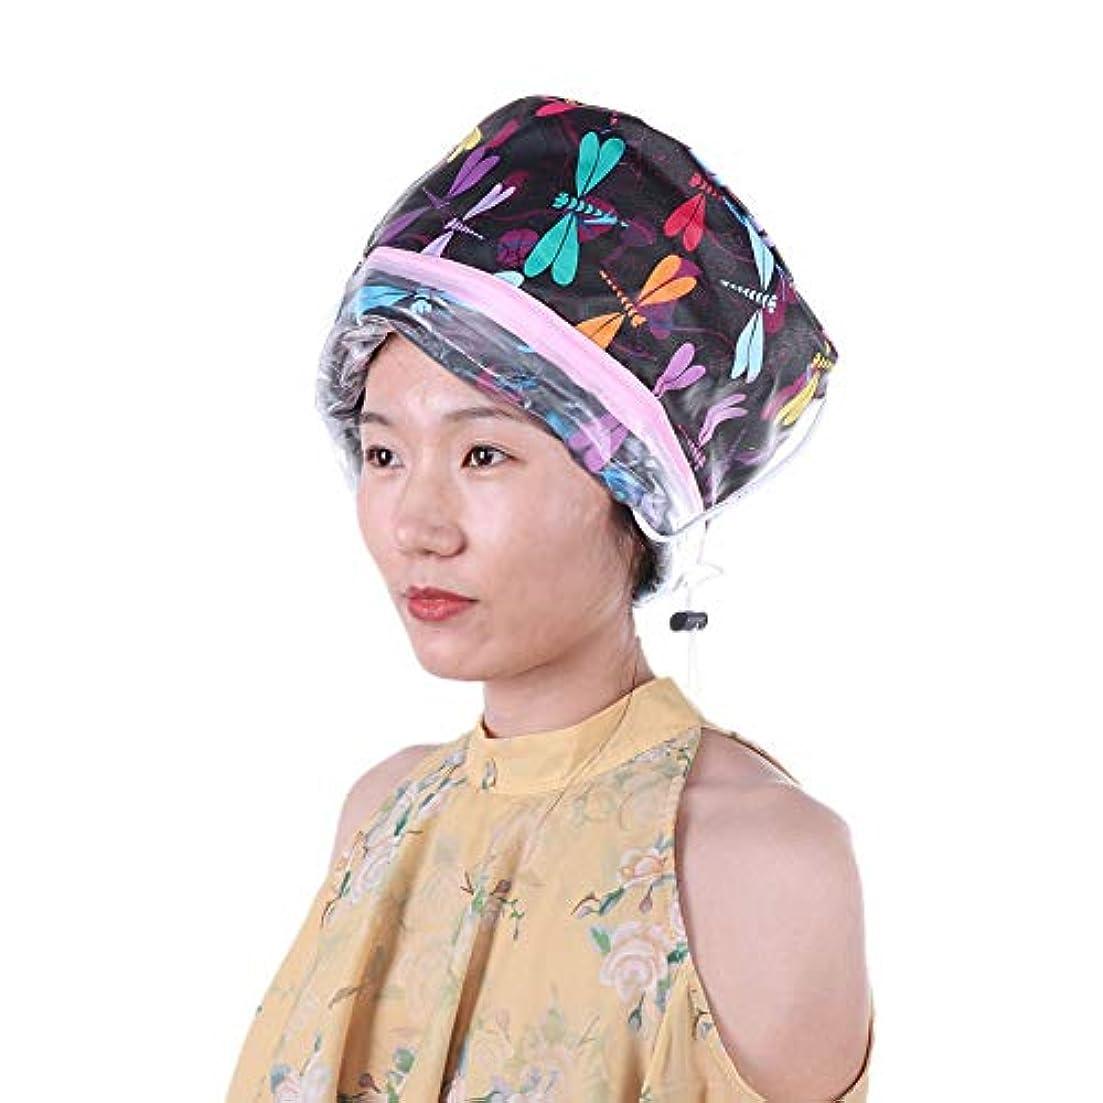 傘導出感度電気ヒーターキャップ、SPAヘアオイルトリートメントおよびファミリーパーソナルケア用の温度調節可能なディープコンディショニングヘアスチーマー、髪の毛先の改善および髪の損傷の修復(1)